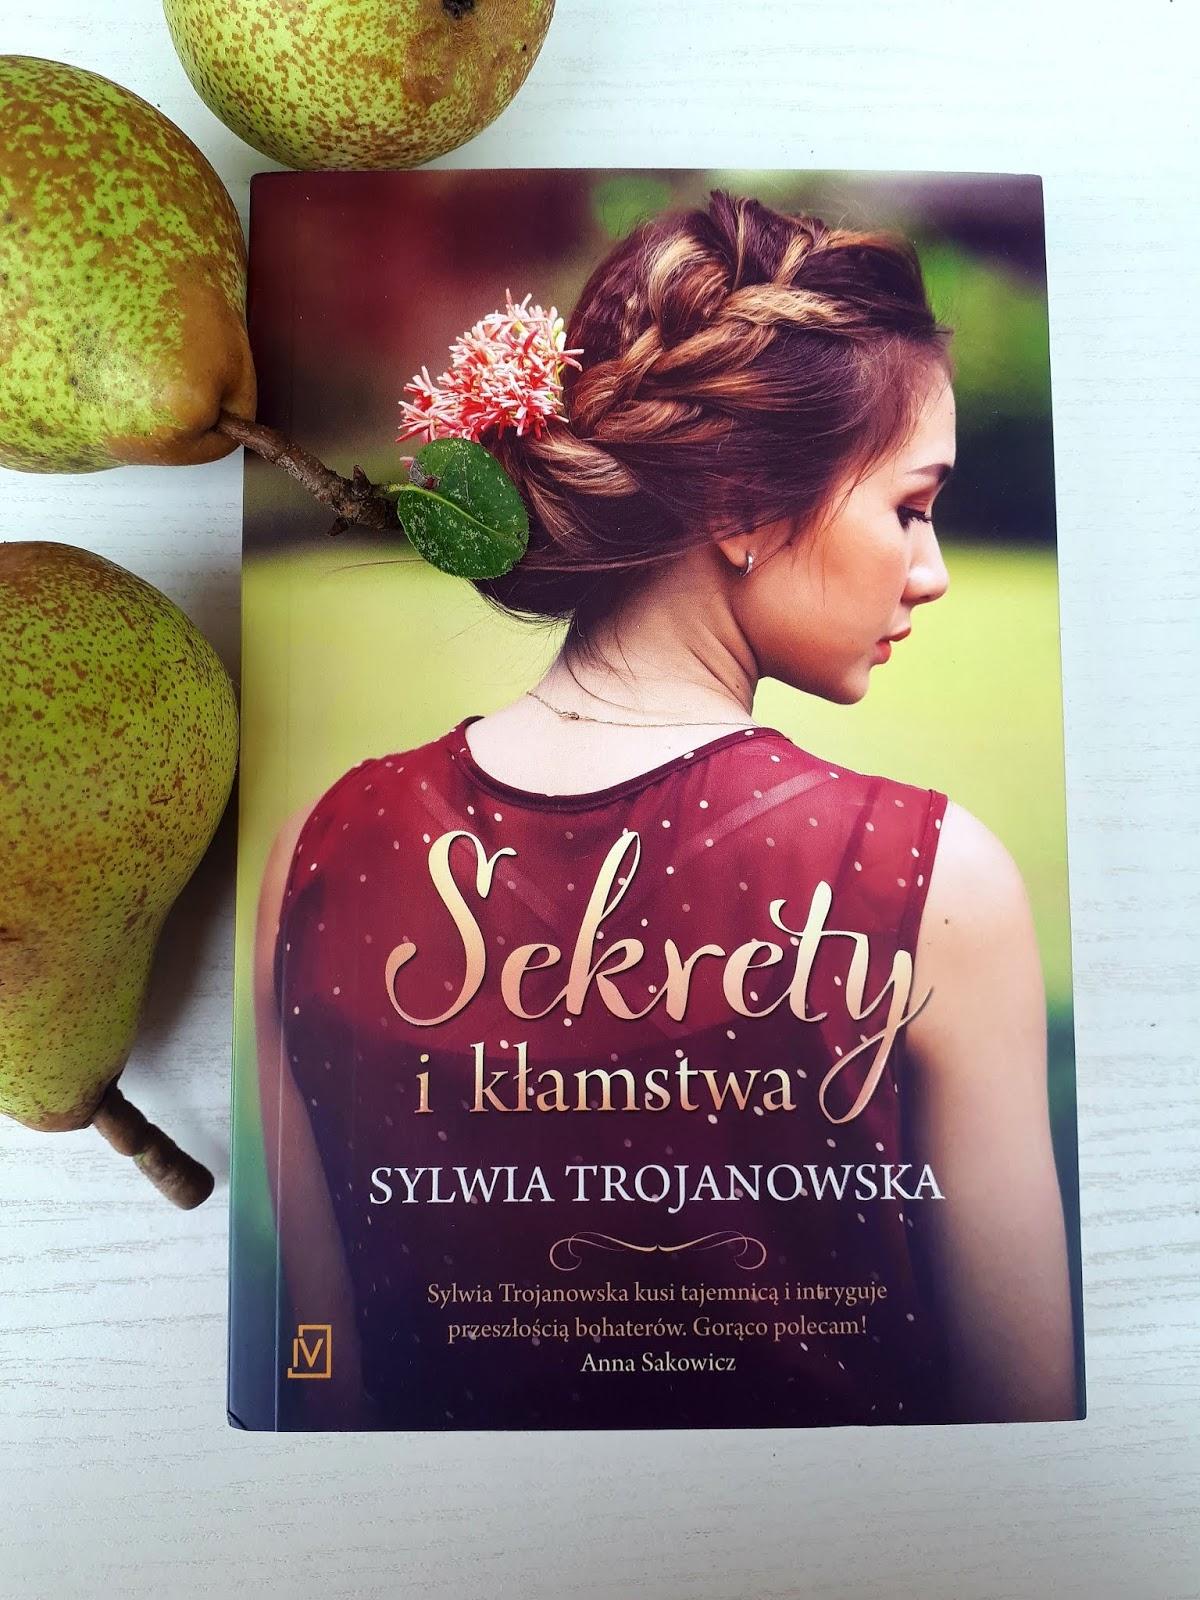 Sekrety i kłamstwa - Sylwia Trojanowska czyli kolejna książka do polecenia